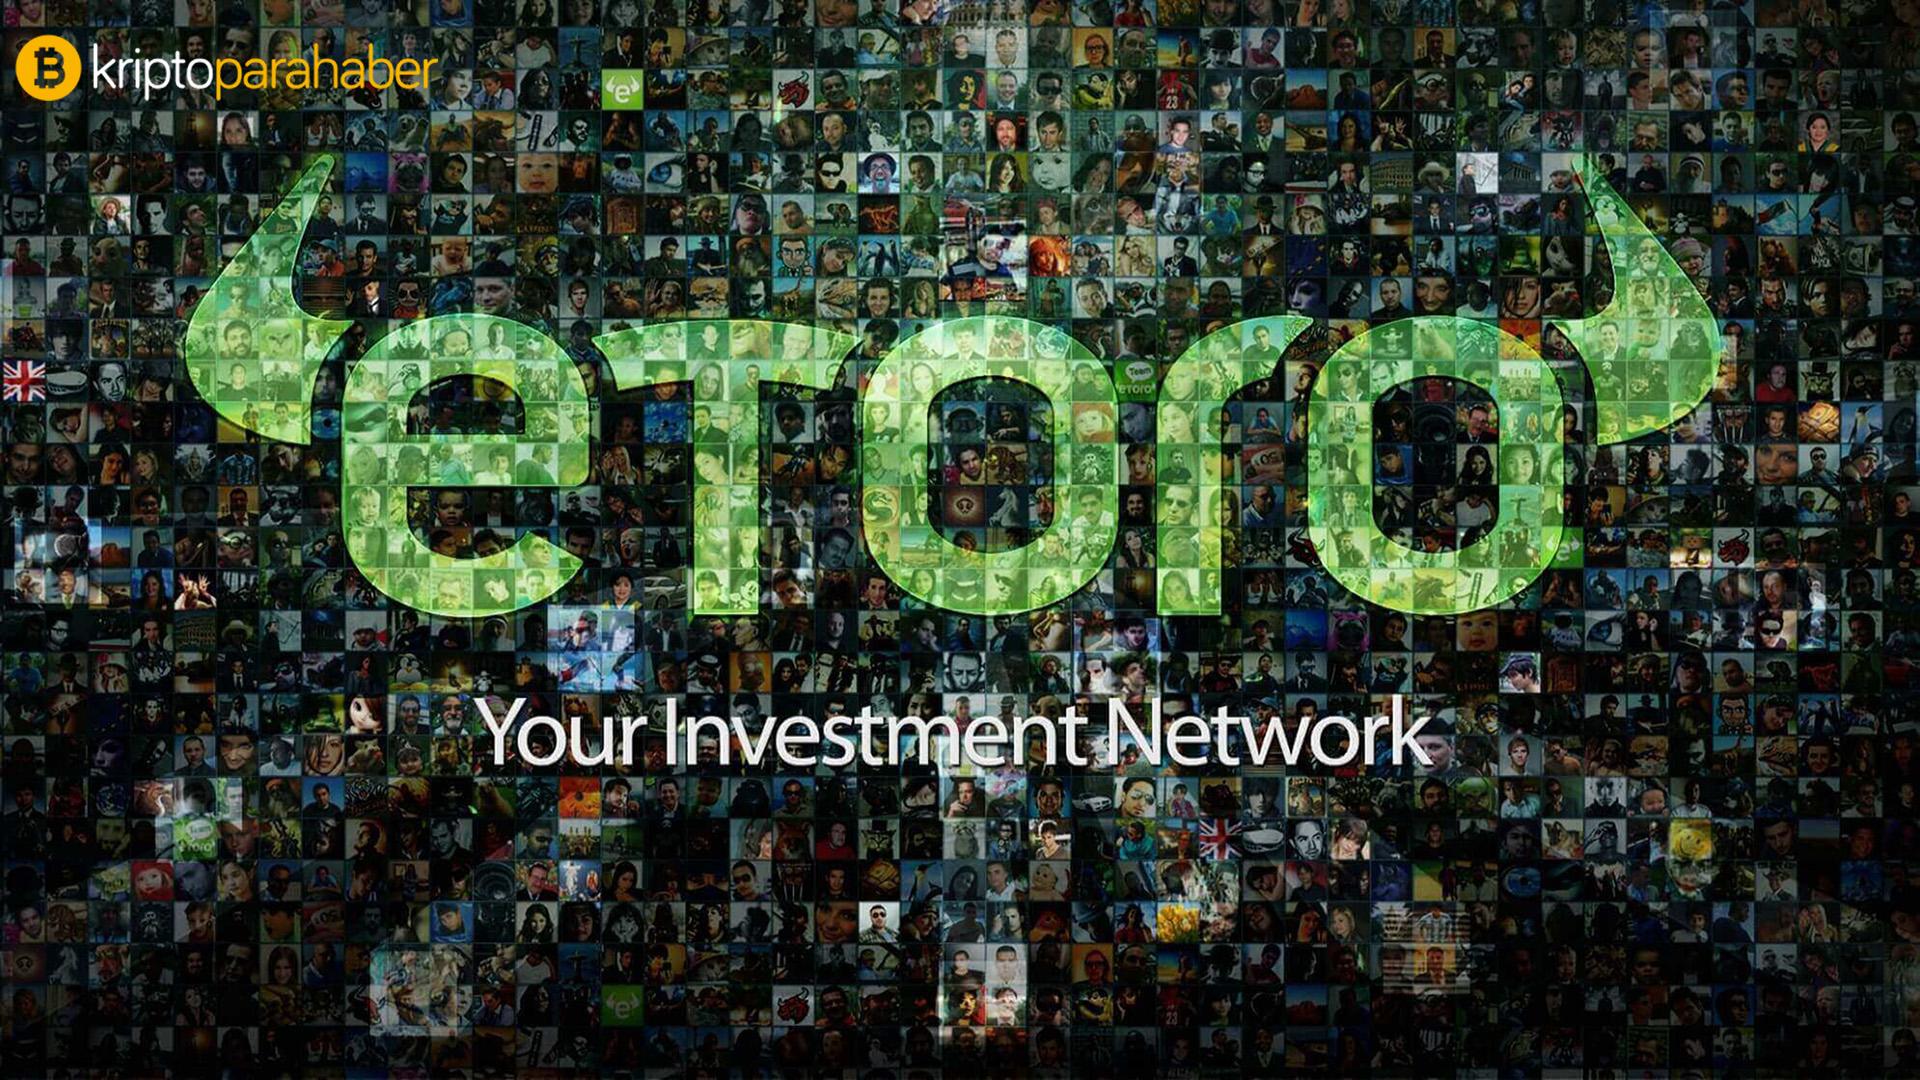 Çarpıcı veri: eToro kullanıcı tabanının yarısı XRP yatırımı yapmış!